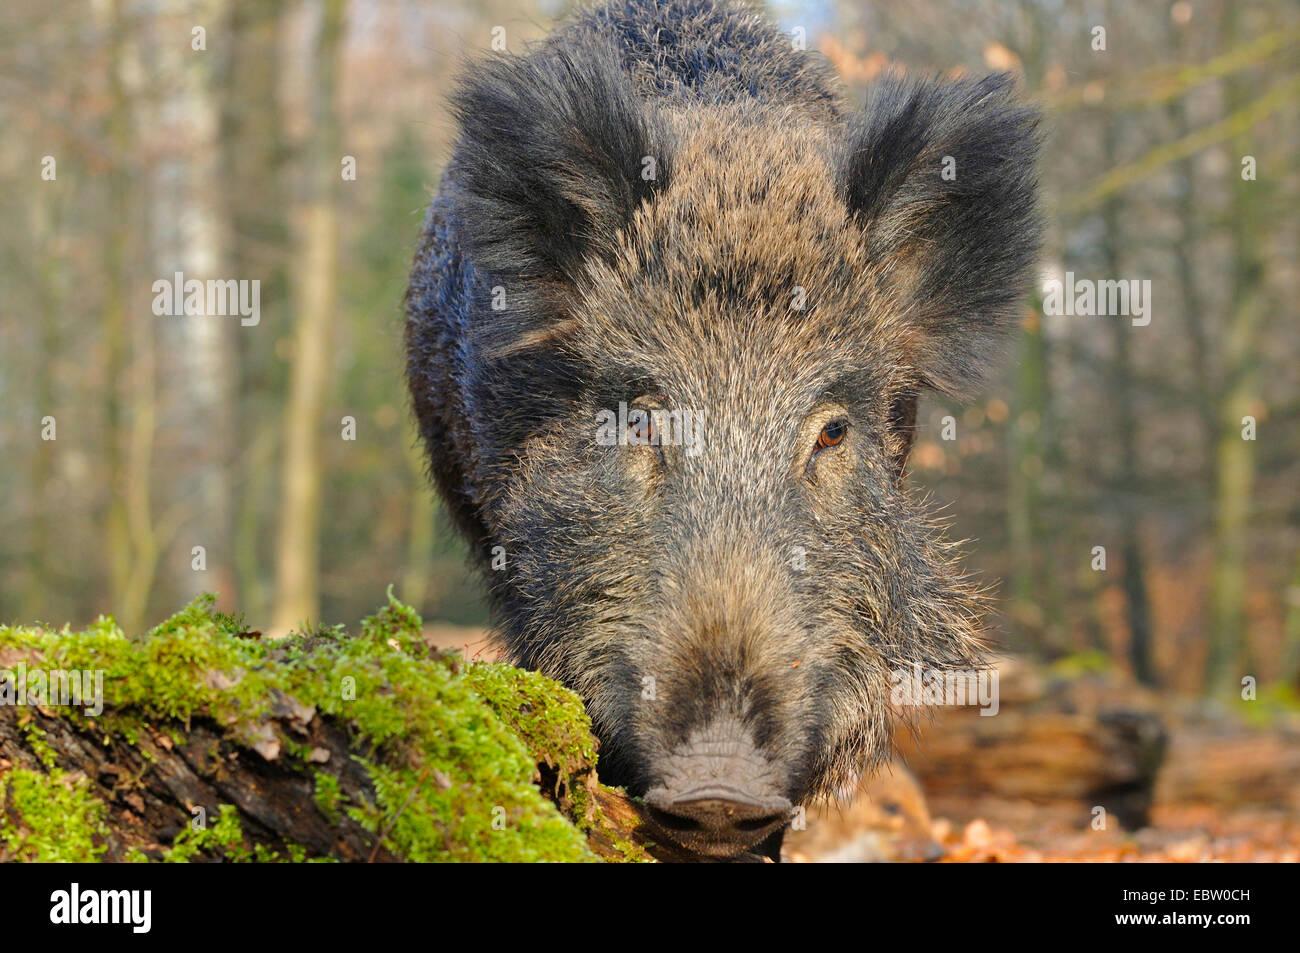 Le sanglier, le porc, le sanglier (Sus scrofa), wild sow sur l'alimentation, de l'Allemagne, en Rhénanie du Nord-Westphalie, Rhénanie-Palatinat Banque D'Images